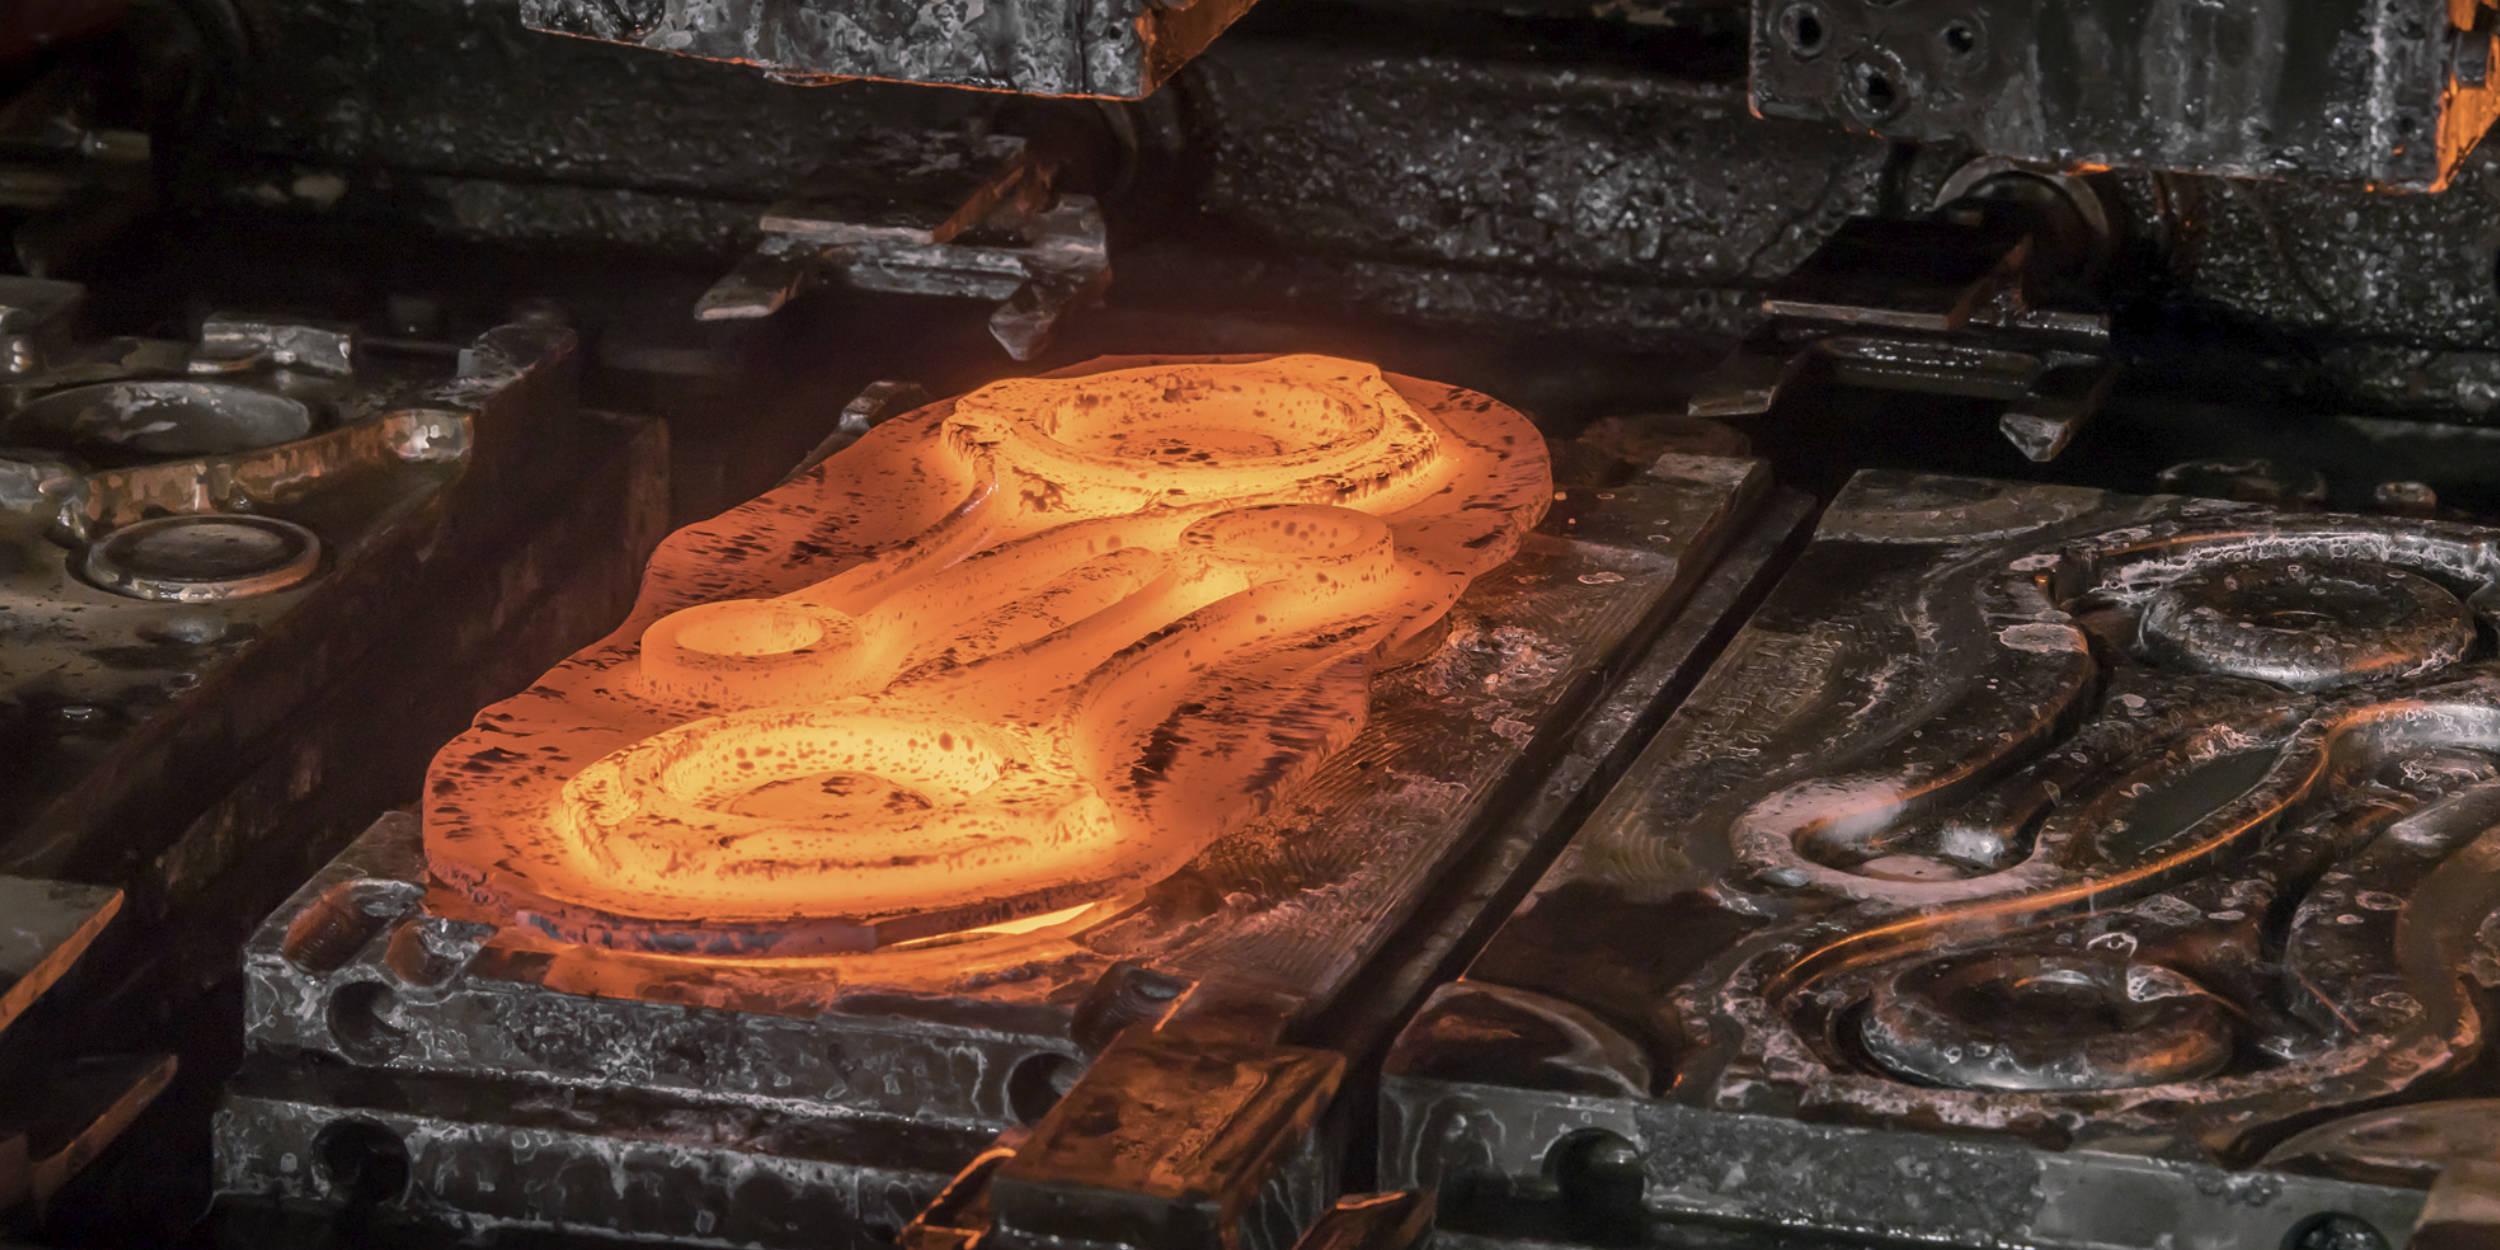 Industriefotografie Stuttgart und Umgebung Mercedes Benz Schmieden Schmiede Untertürkheim Stahl geschmiedeter Stahl glühender Stahl